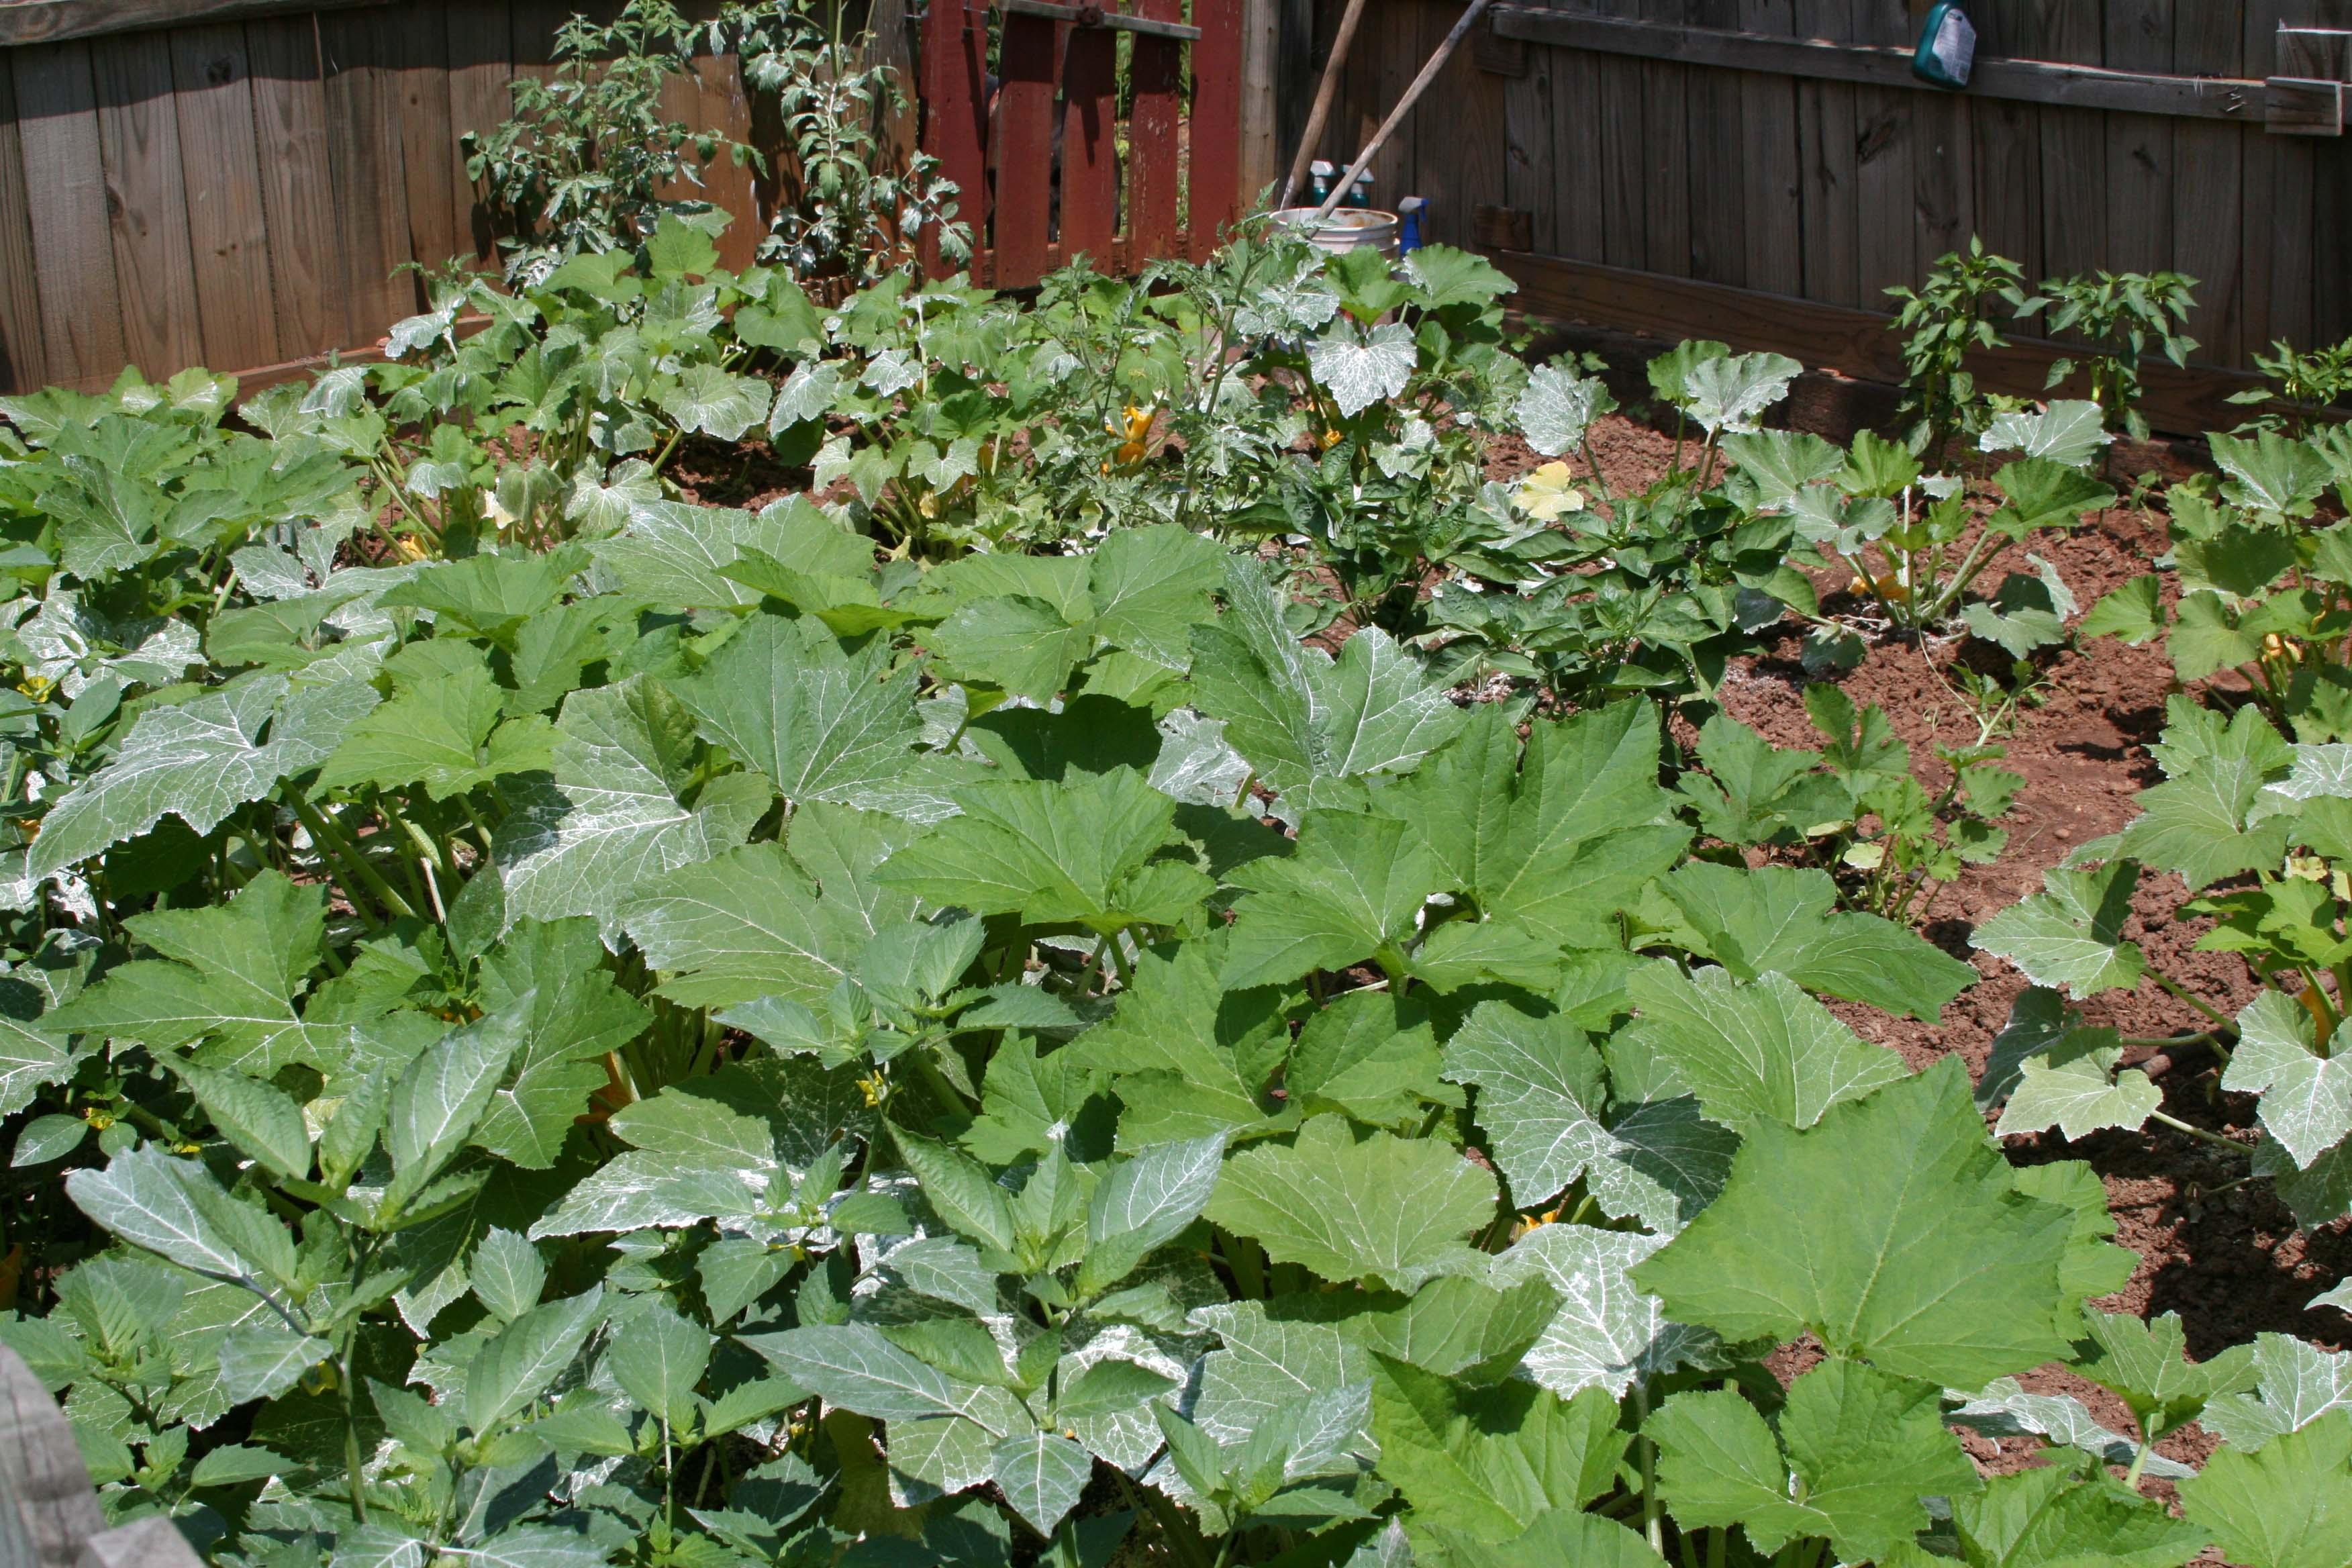 A vegetable garden in Butts Co., Ga.